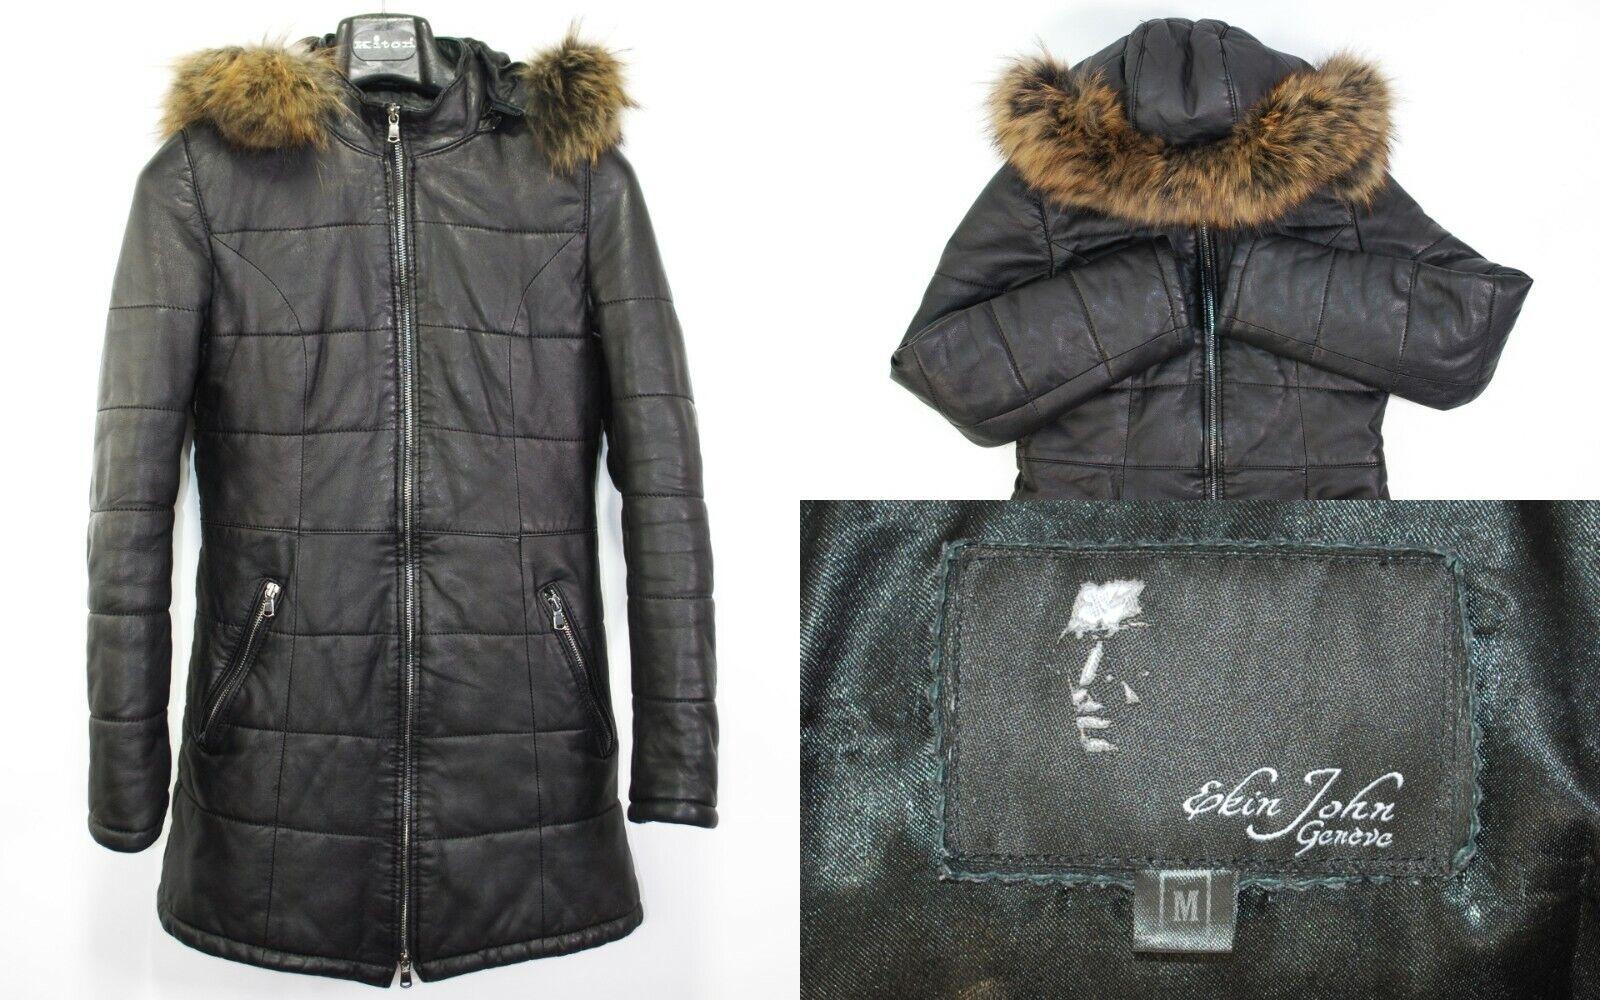 Ekin John Genève Women Jacket Size M Black Leather Luxury Top